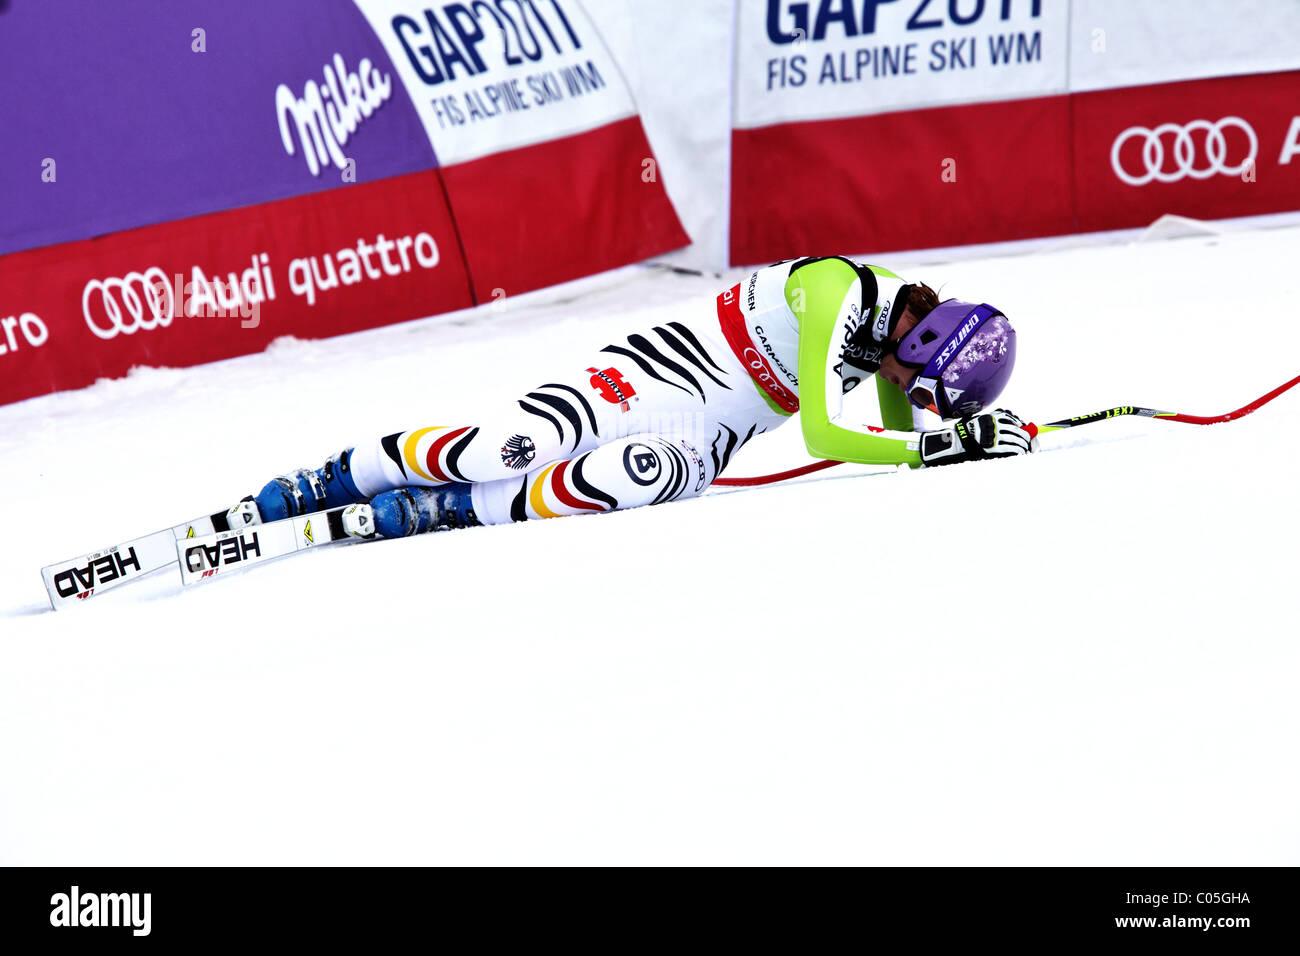 Maria Riesch (GER), at the FIS Alpine World Ski Championships in Garmisch-Partenkirchen 2011 - Stock Image